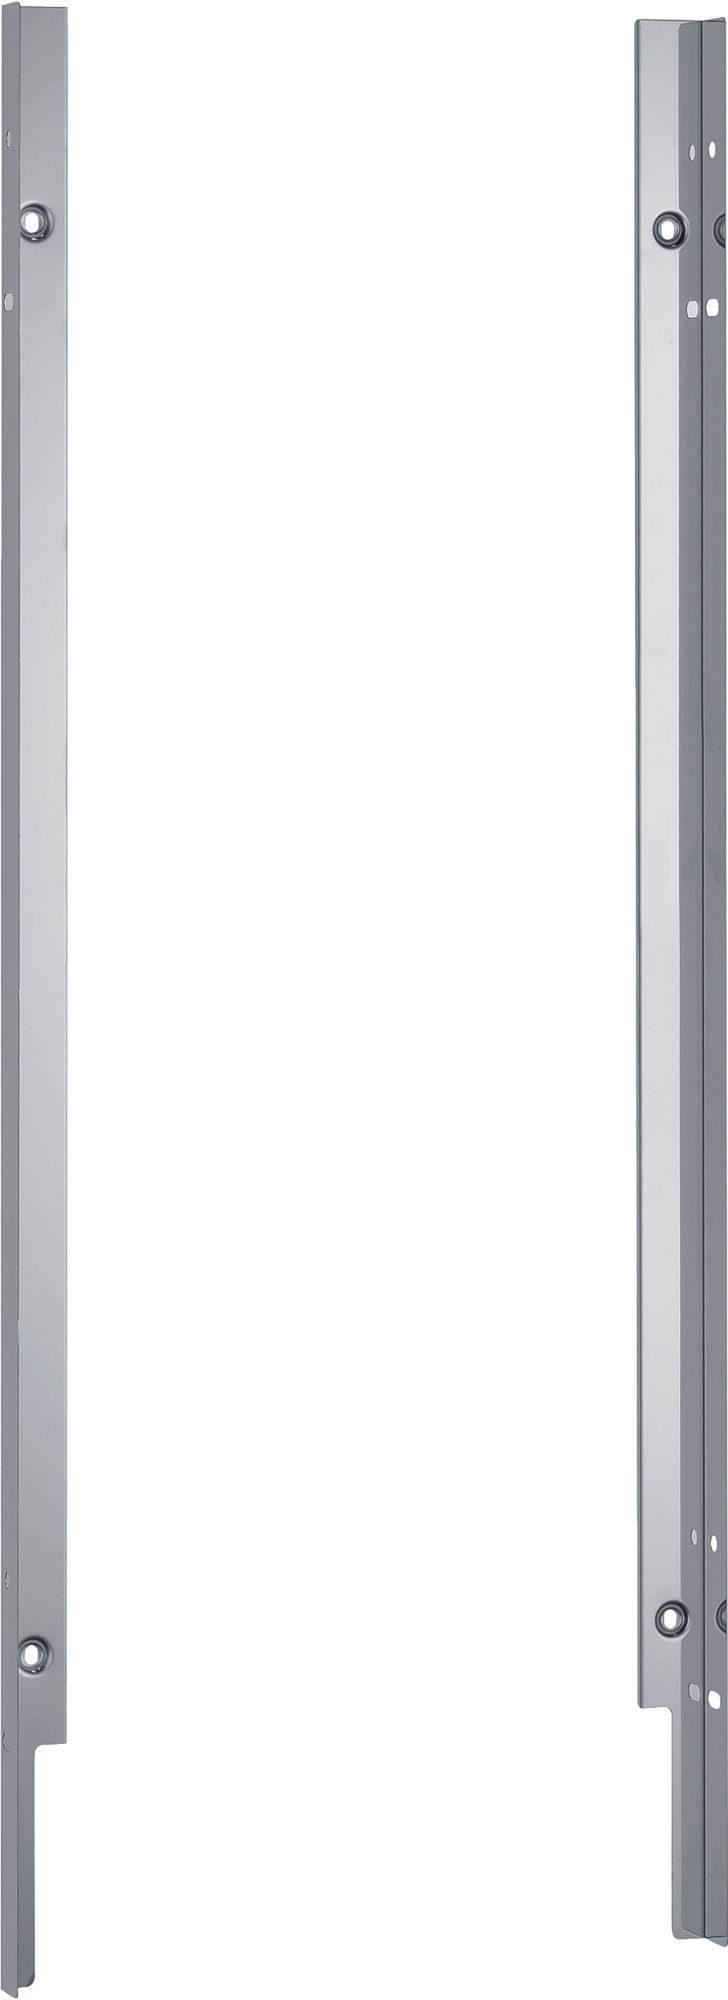 Neff Z7861X1 Decor Strip